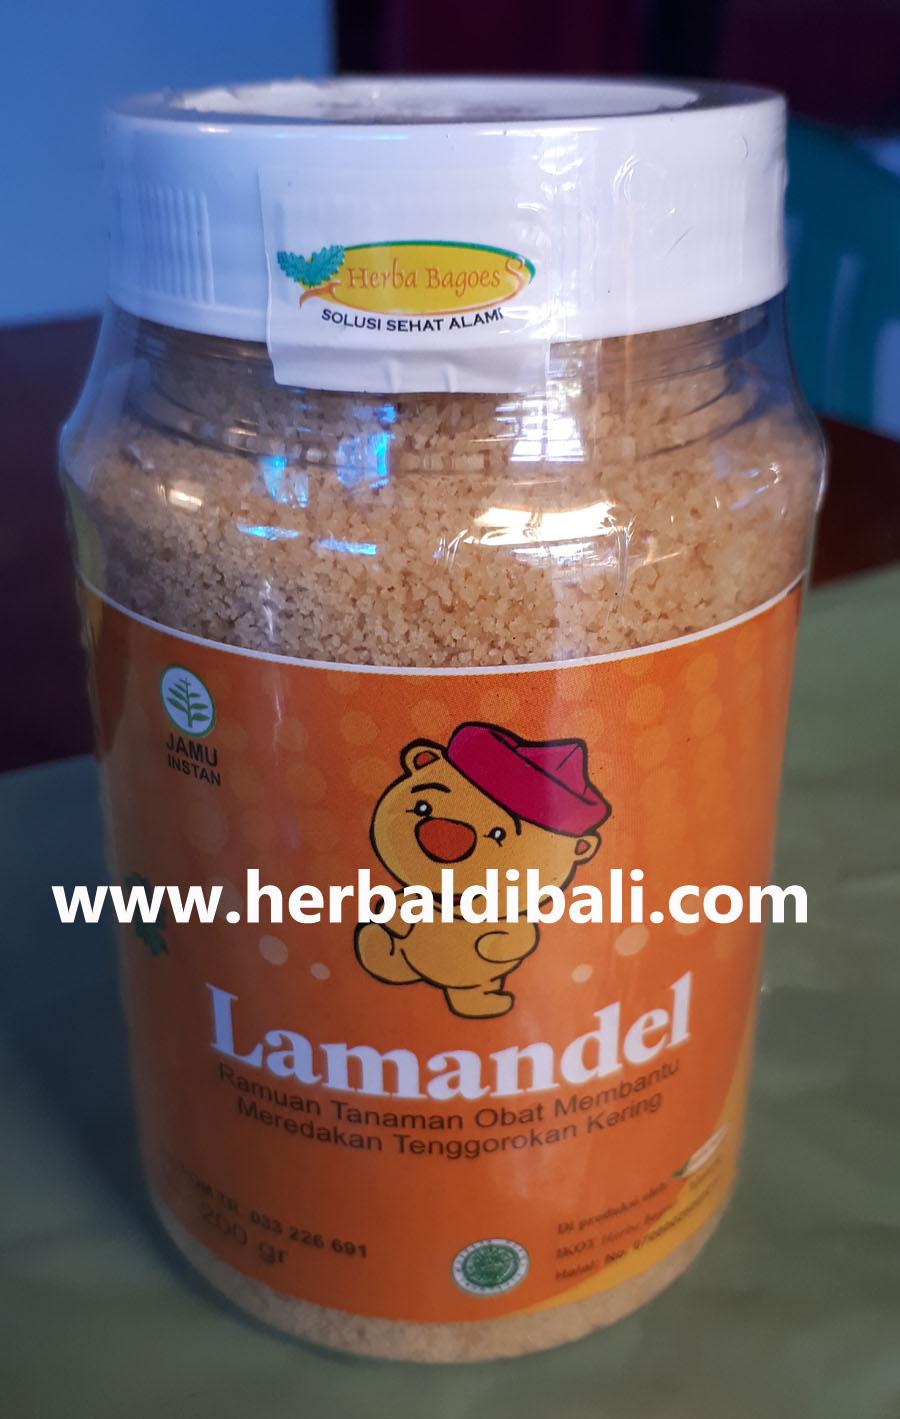 Jual Lamandel Di Denpasar Bali Produk Herbal Obat Amandel